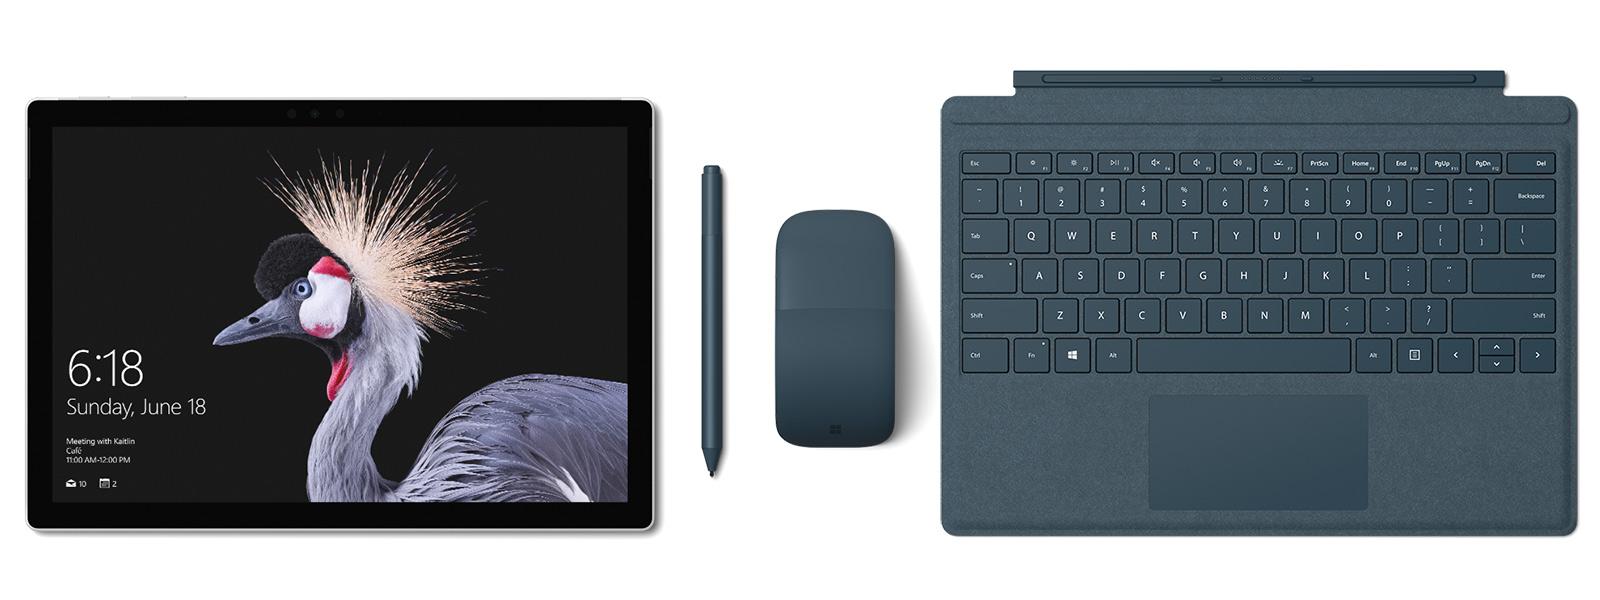 코발트 블루 색상의 Surface Pro 시그니처 타이핑 커버, Surface 펜 및 Surface Arc 마우스와 함께 있는 Surface Pro 이미지 Surface 펜 포함.